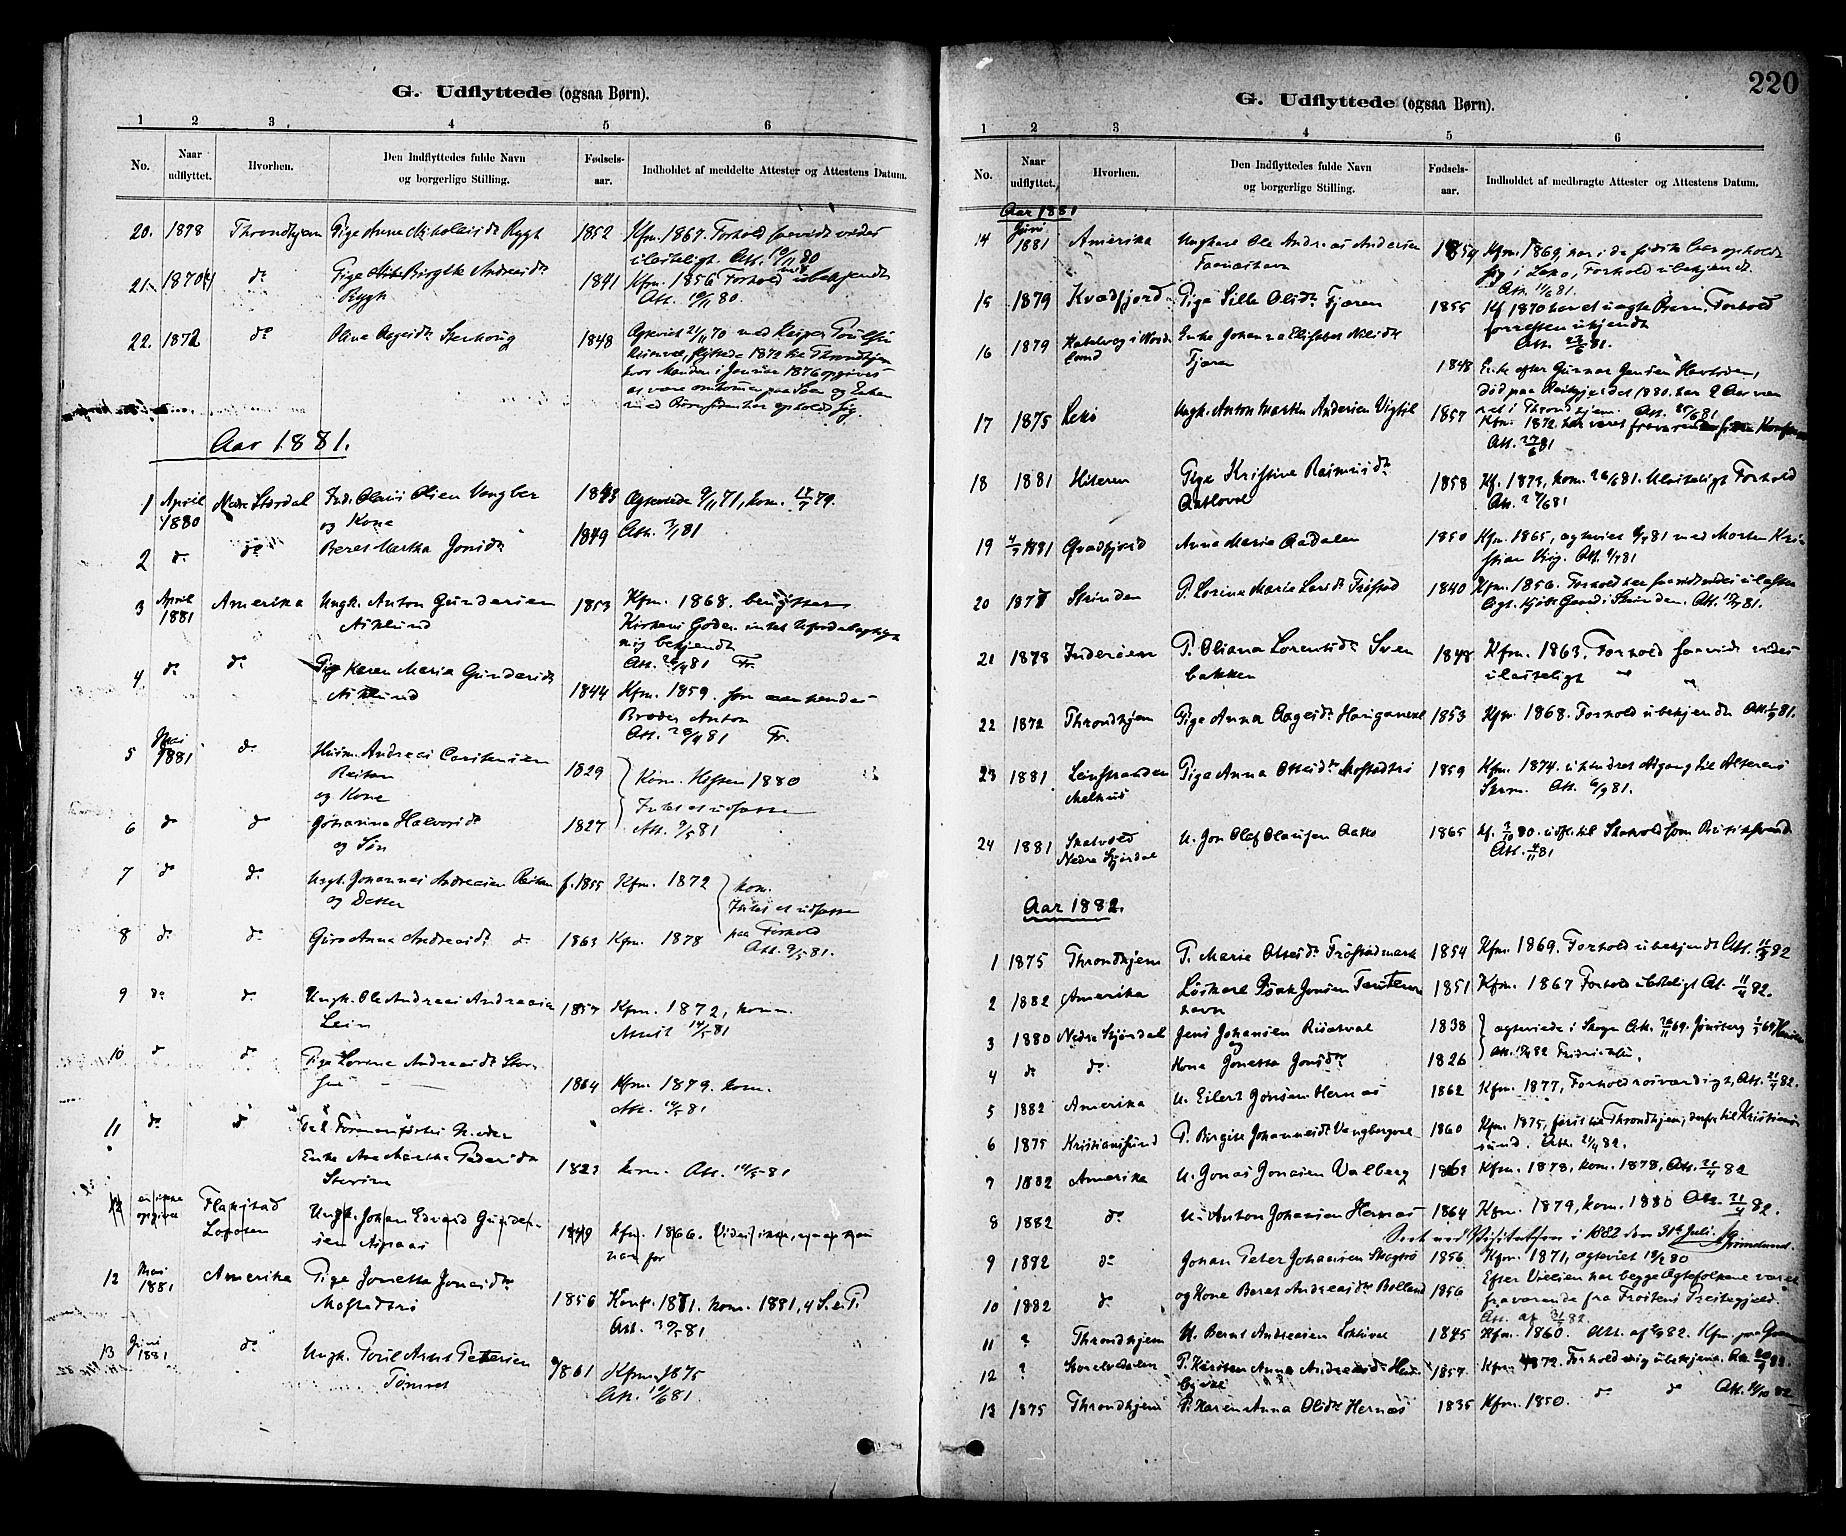 SAT, Ministerialprotokoller, klokkerbøker og fødselsregistre - Nord-Trøndelag, 713/L0120: Ministerialbok nr. 713A09, 1878-1887, s. 220